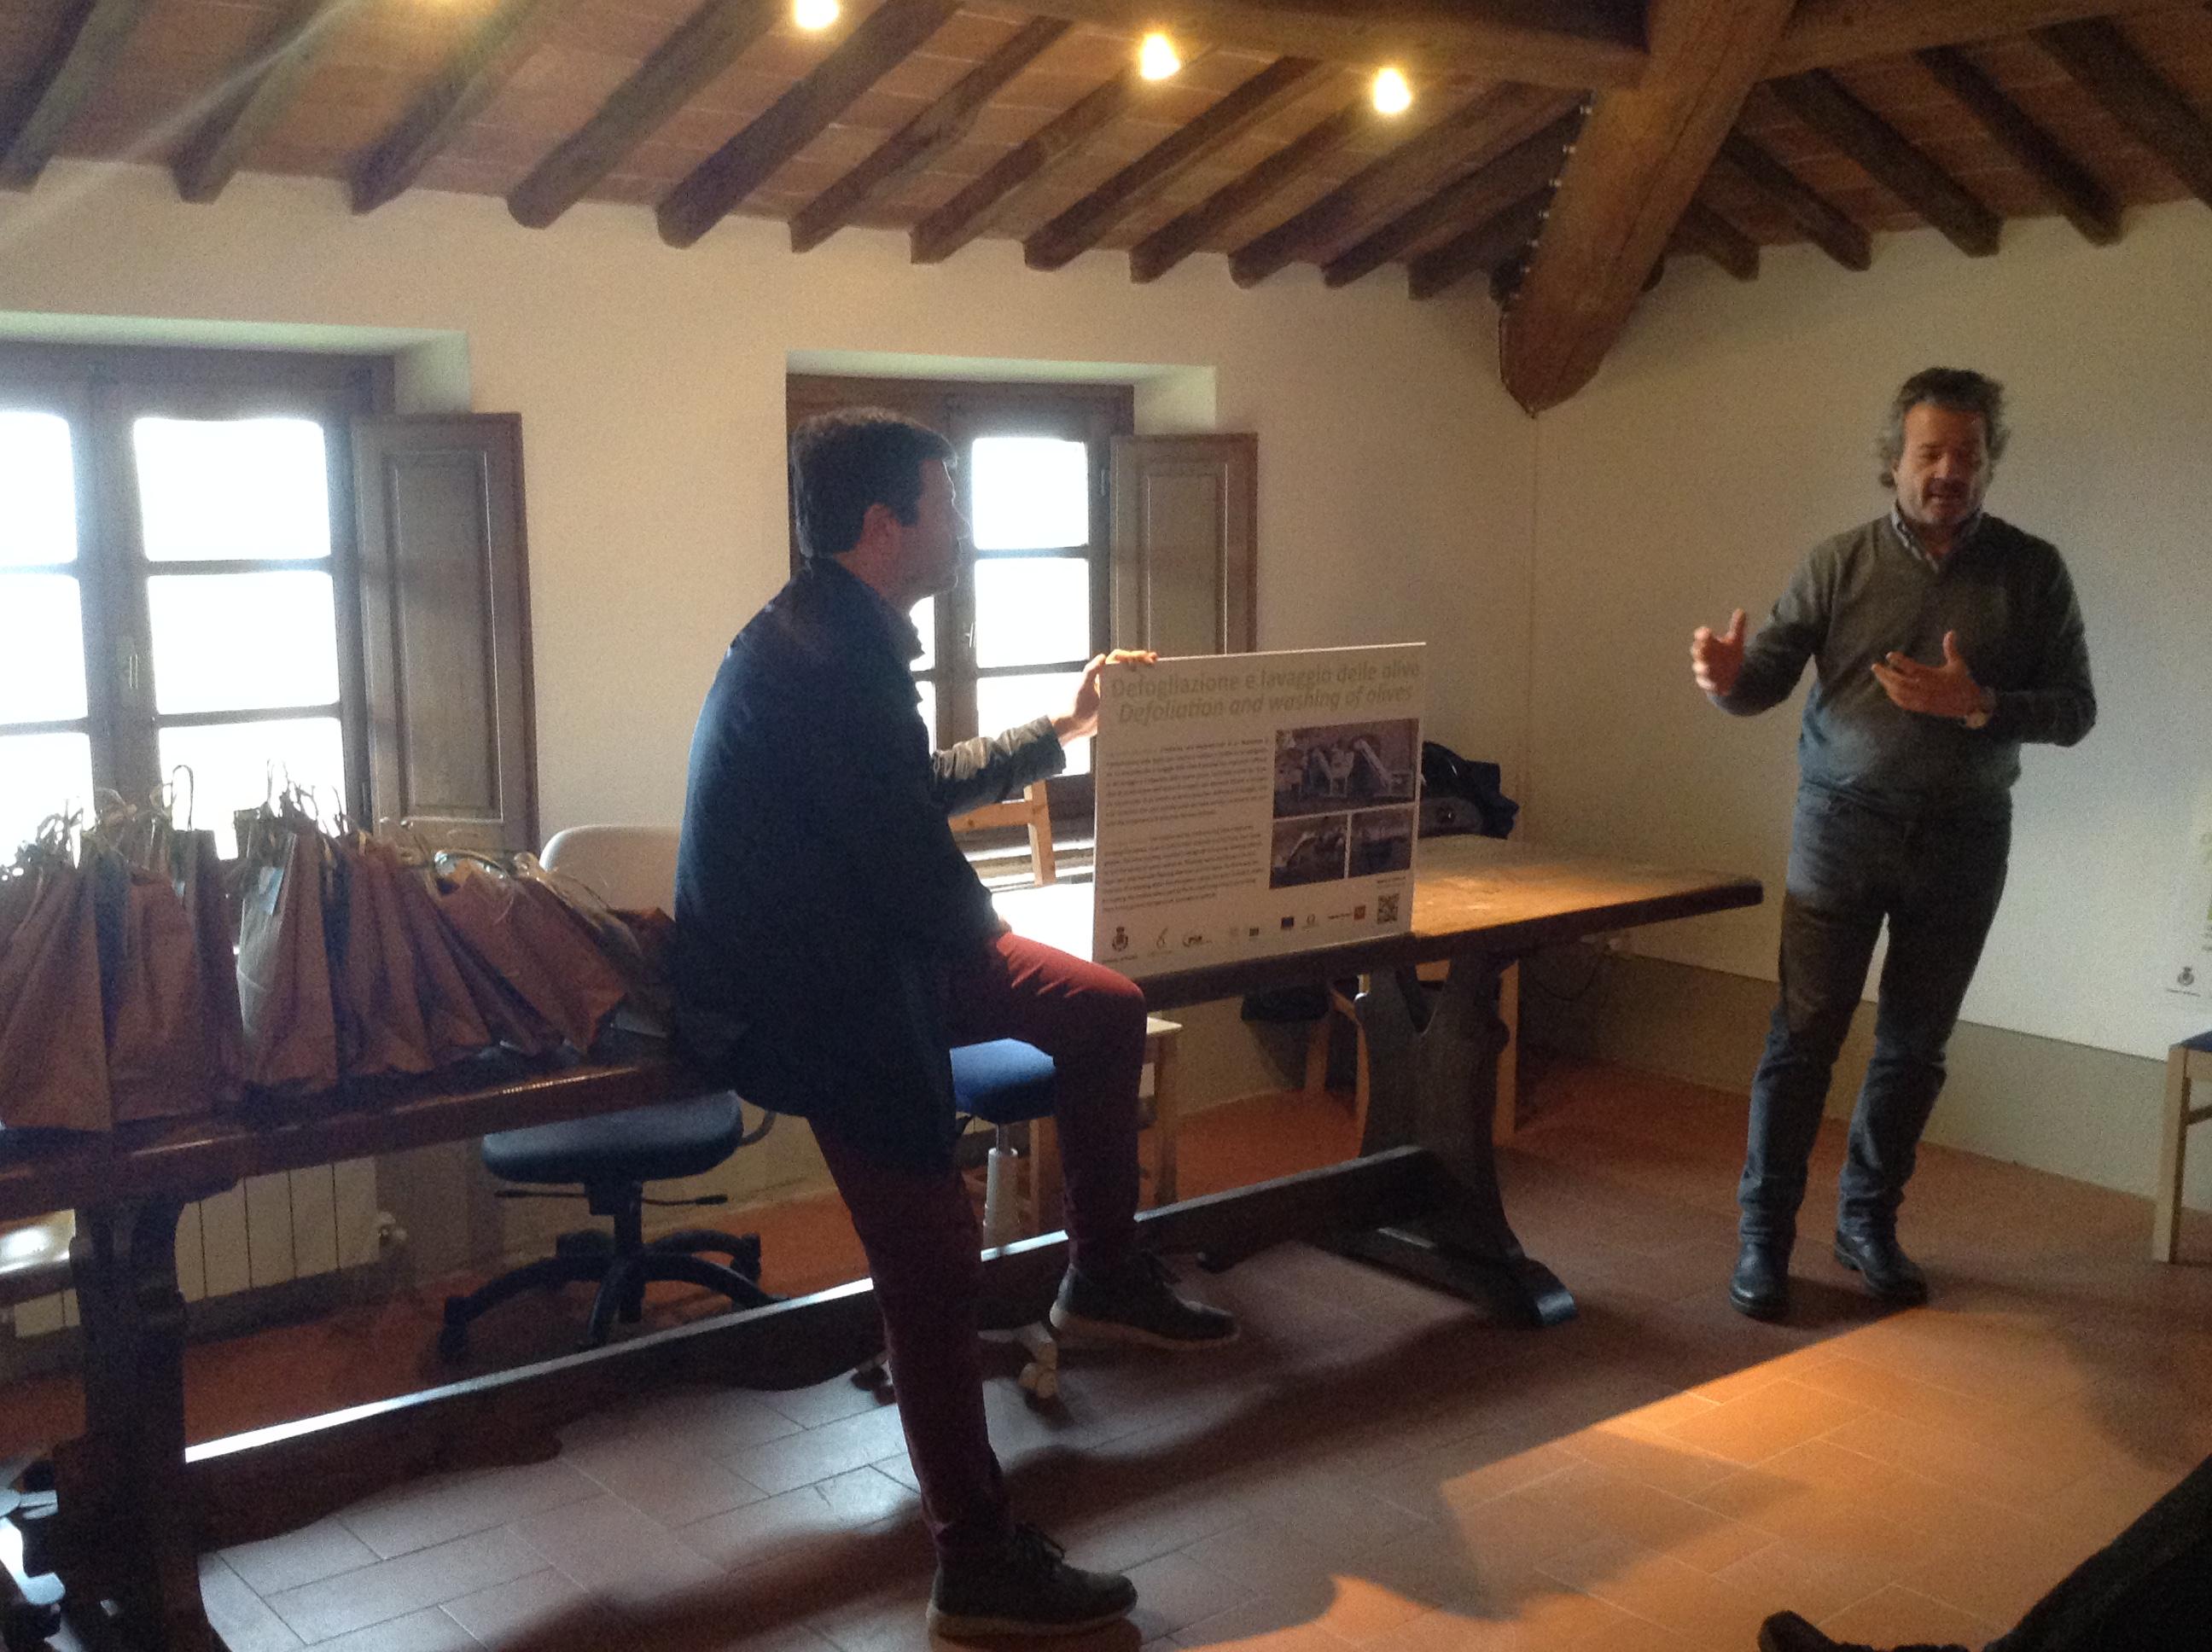 Presentazione con cartelloni, tavolo, referente università e sindaco di Bucine